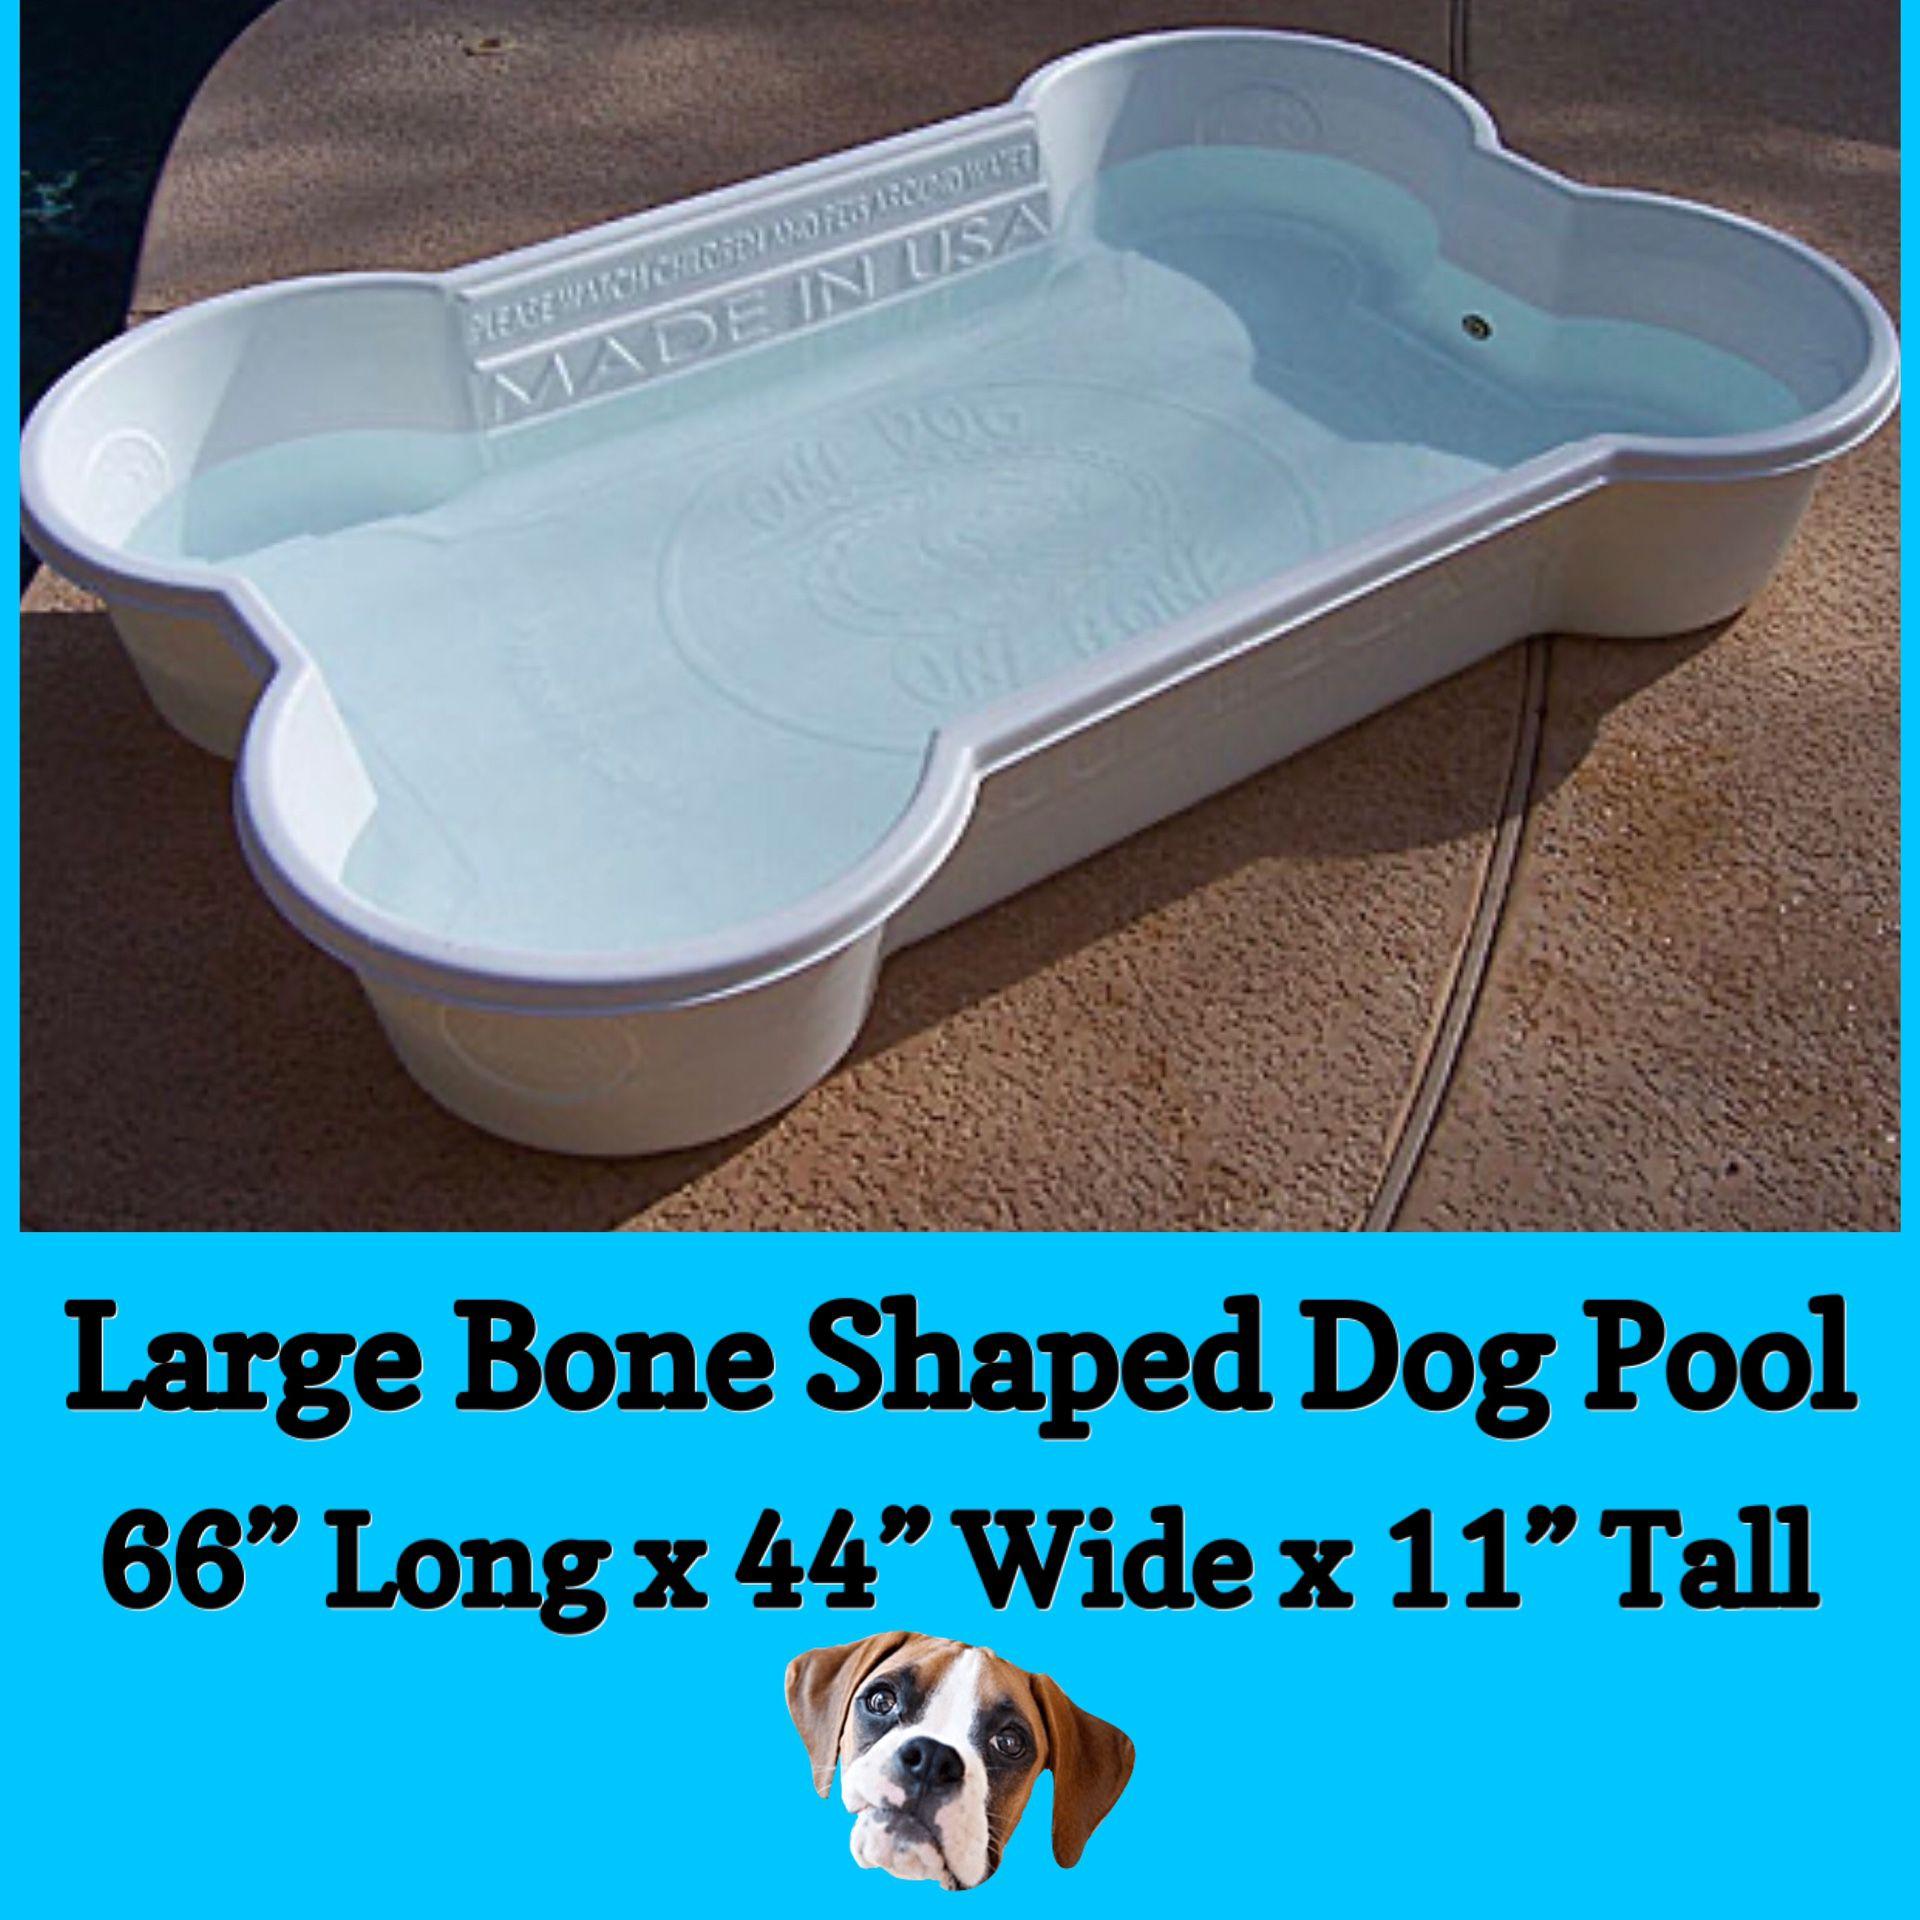 🦴 Large Bone Shaped Dog Pool